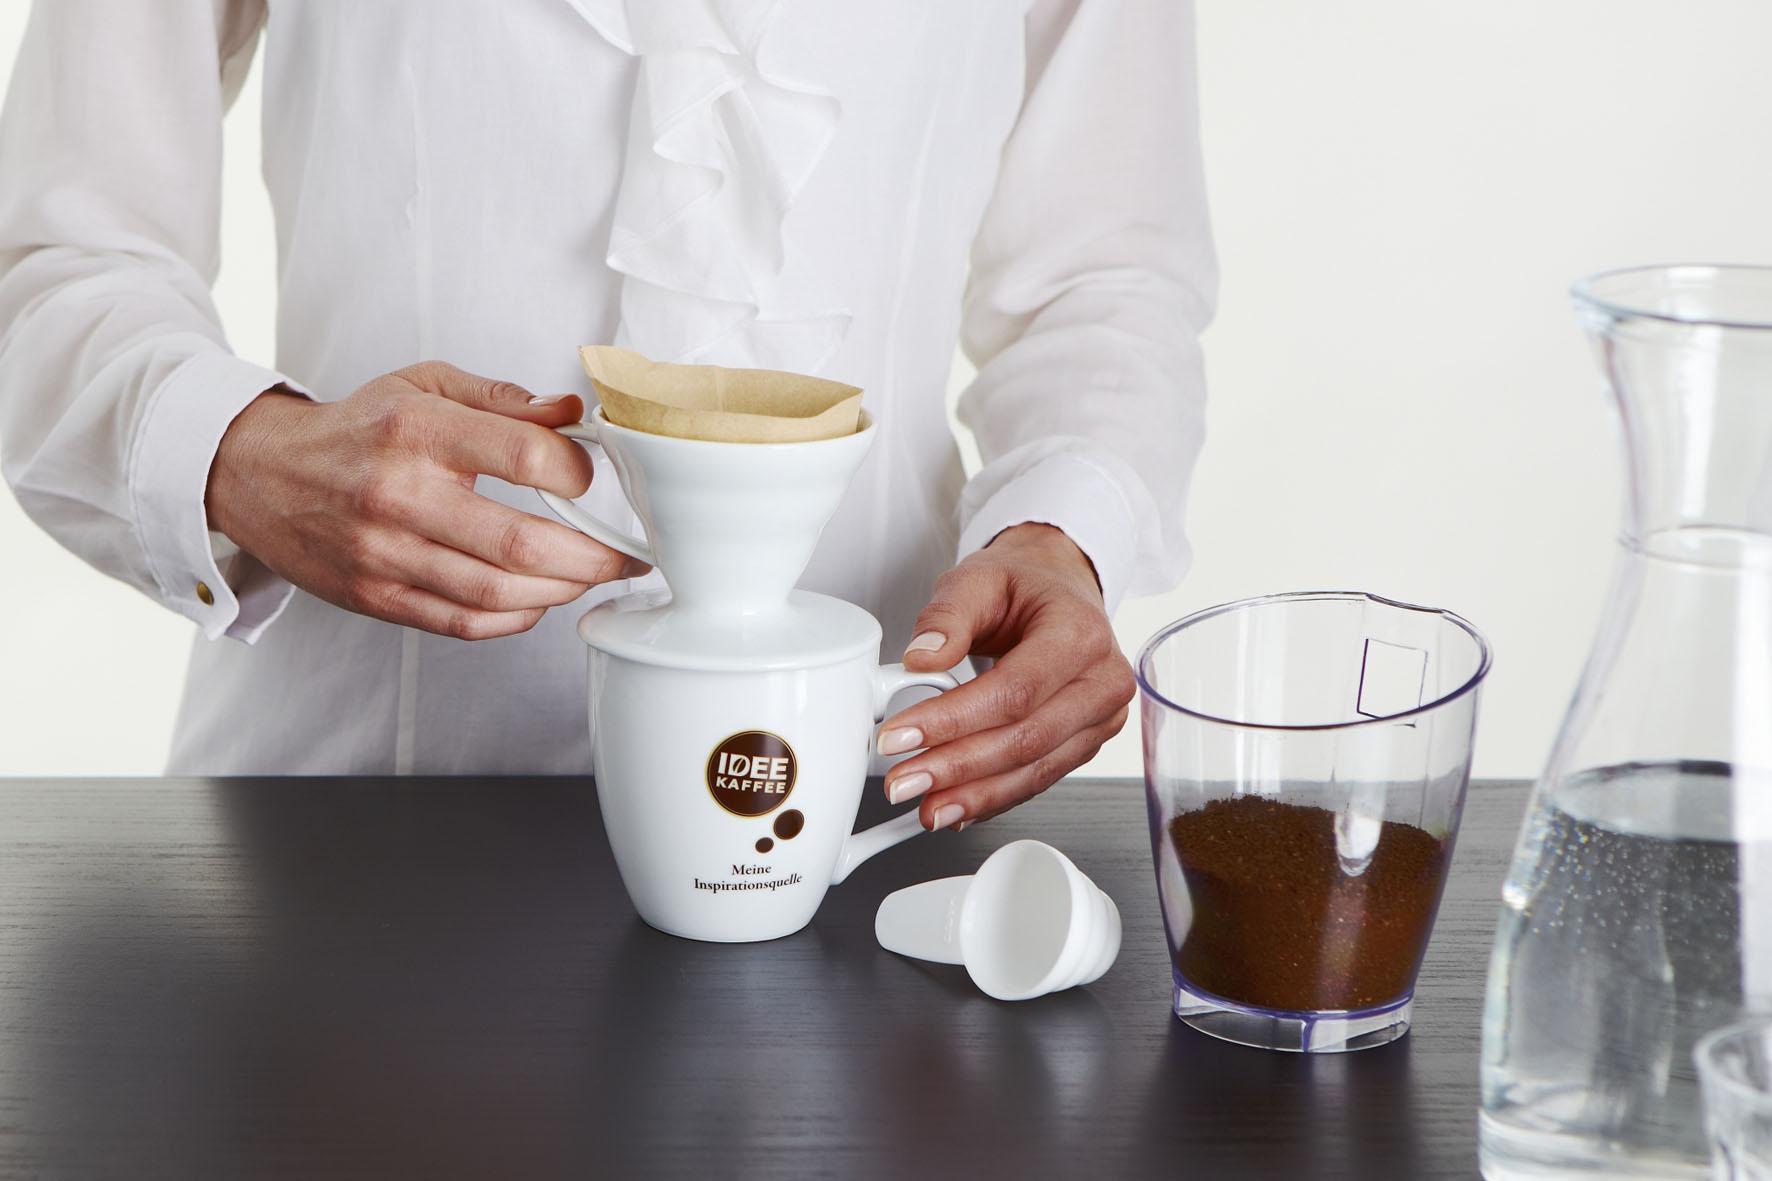 Handgefilteter Kaffee trägt schon bei der genüsslichen Zubereitung zur Entschleunigung bei.